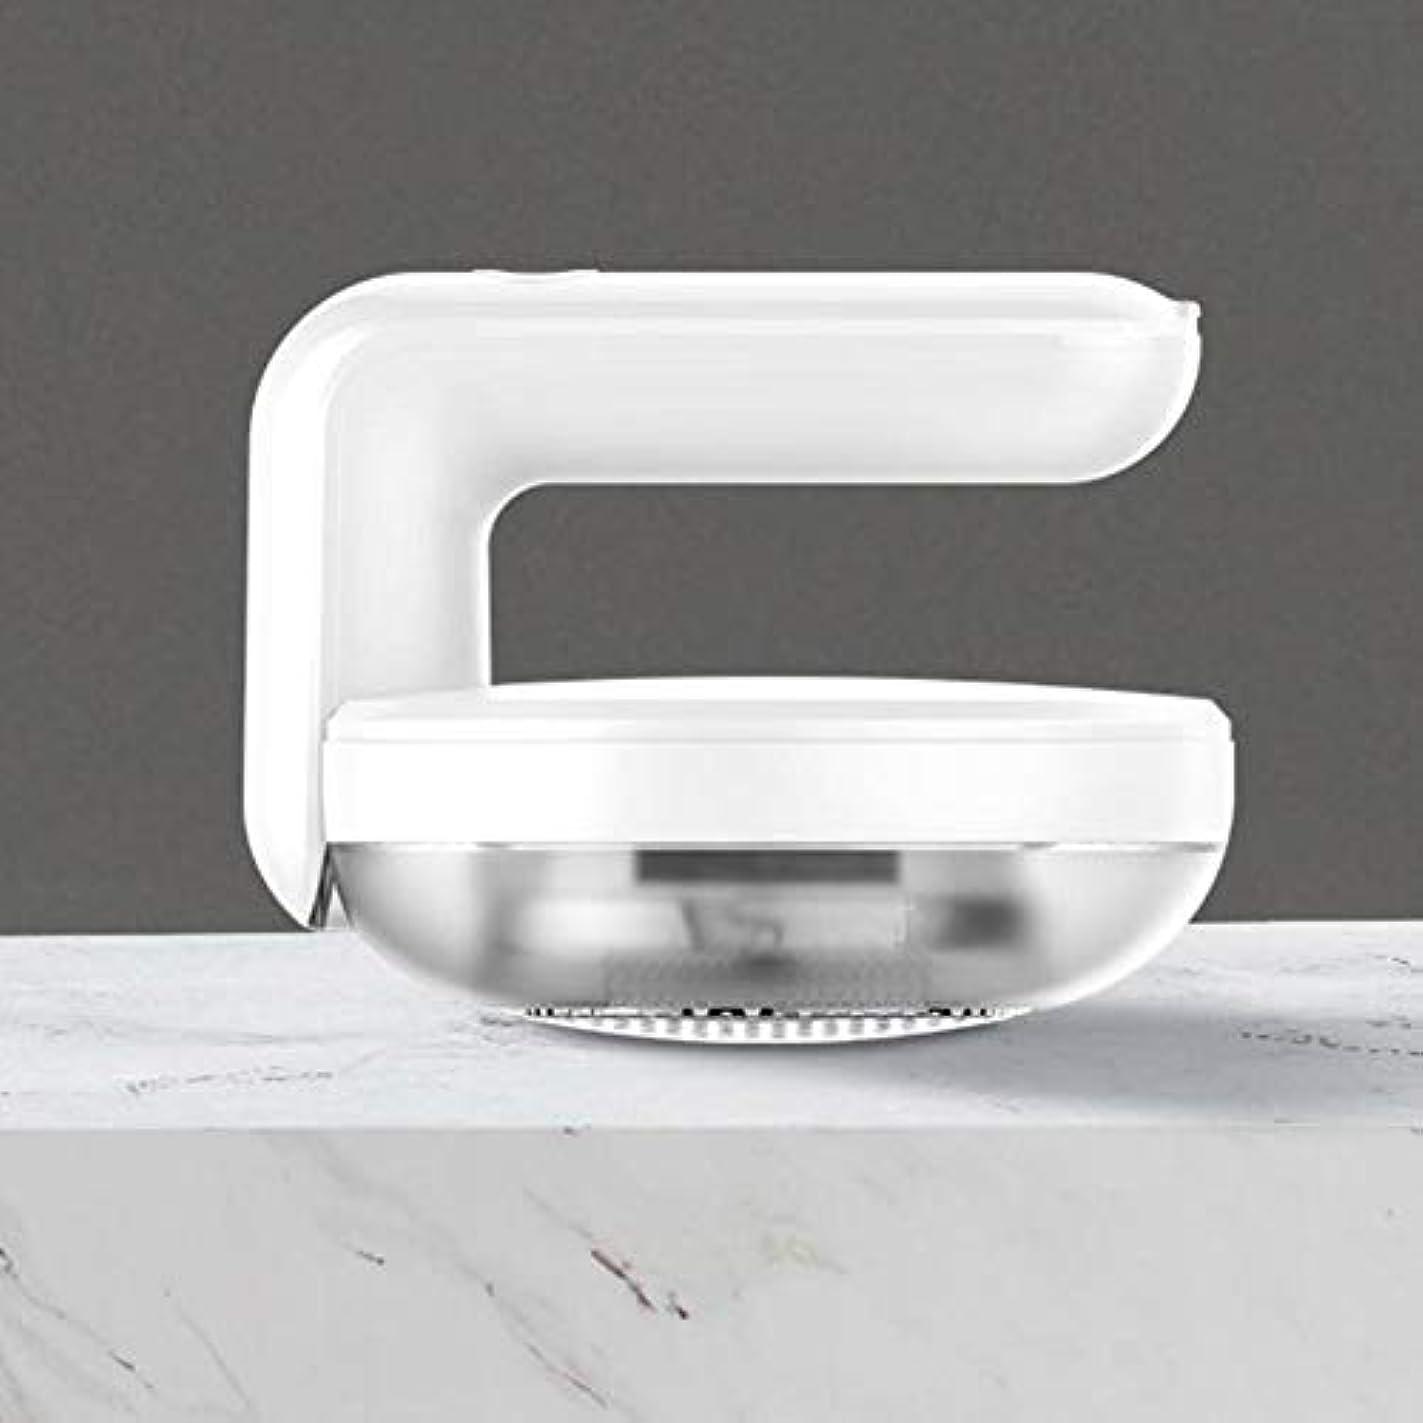 底恒久的花束毛玉取り器 毛玉カット 電動 毛玉取り機 USB充電式 6枚刃モデル 高速回転